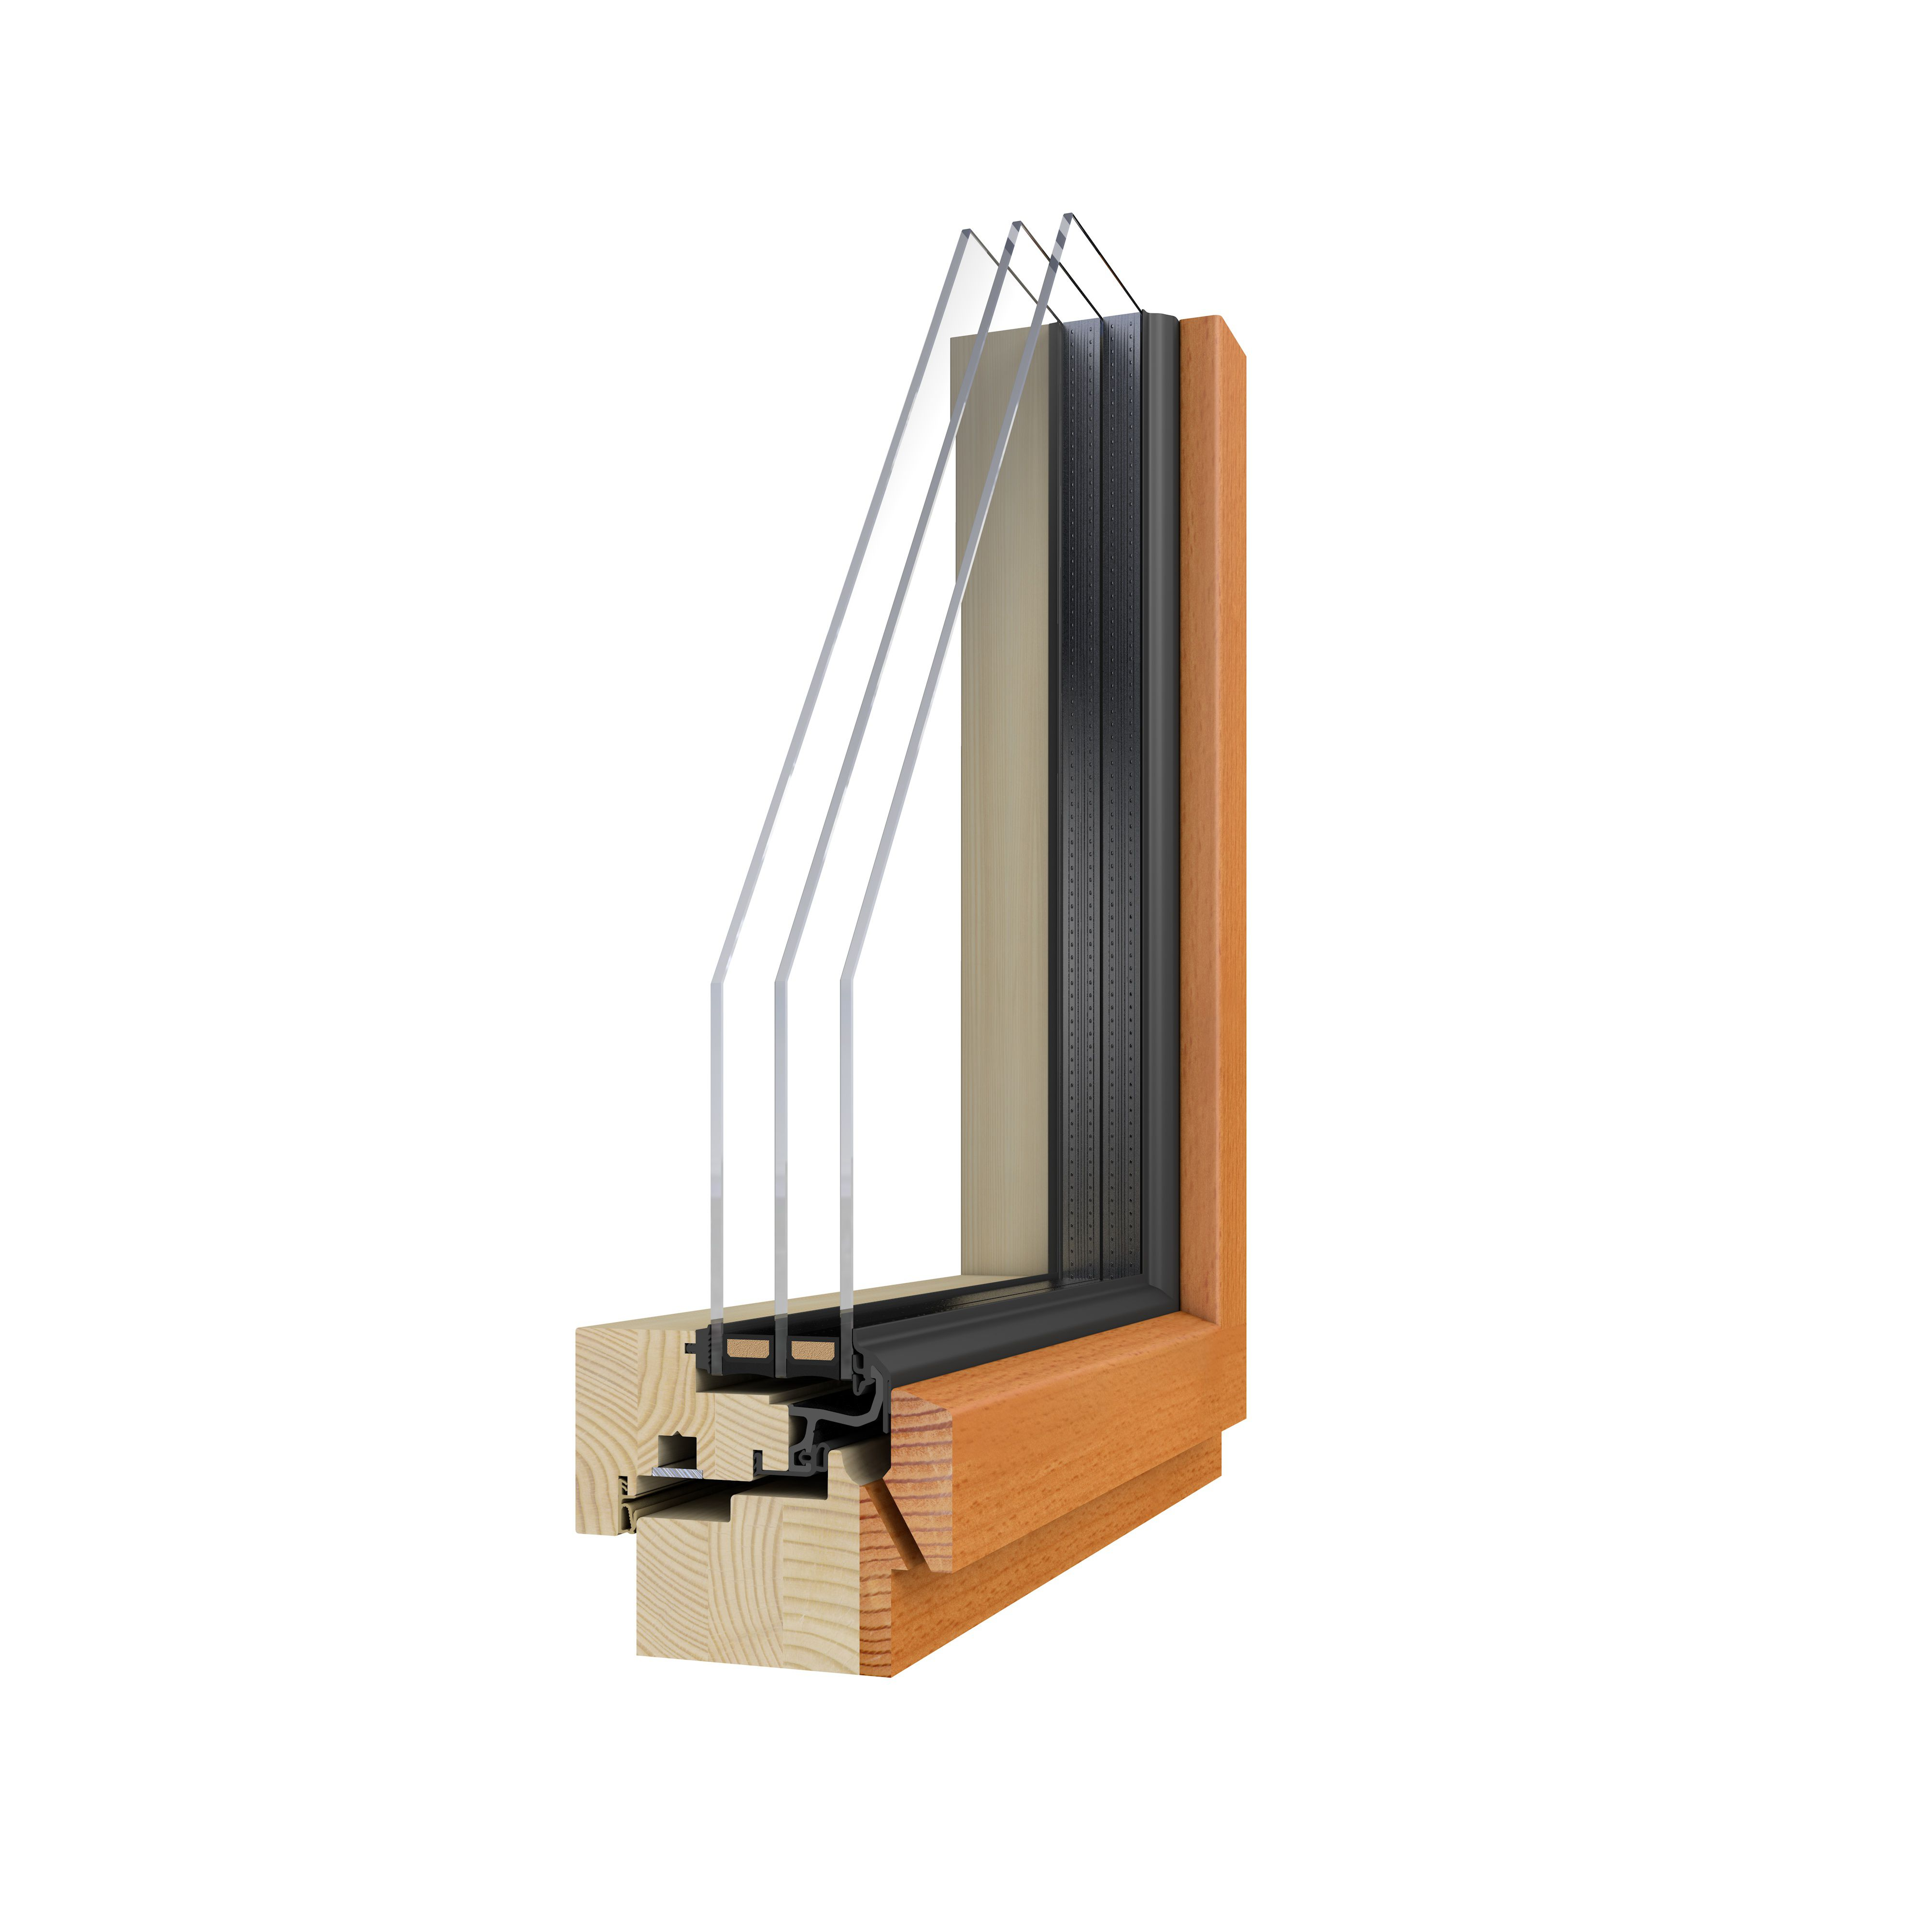 hausverstand | becker 360 holzintegralfenster 2h